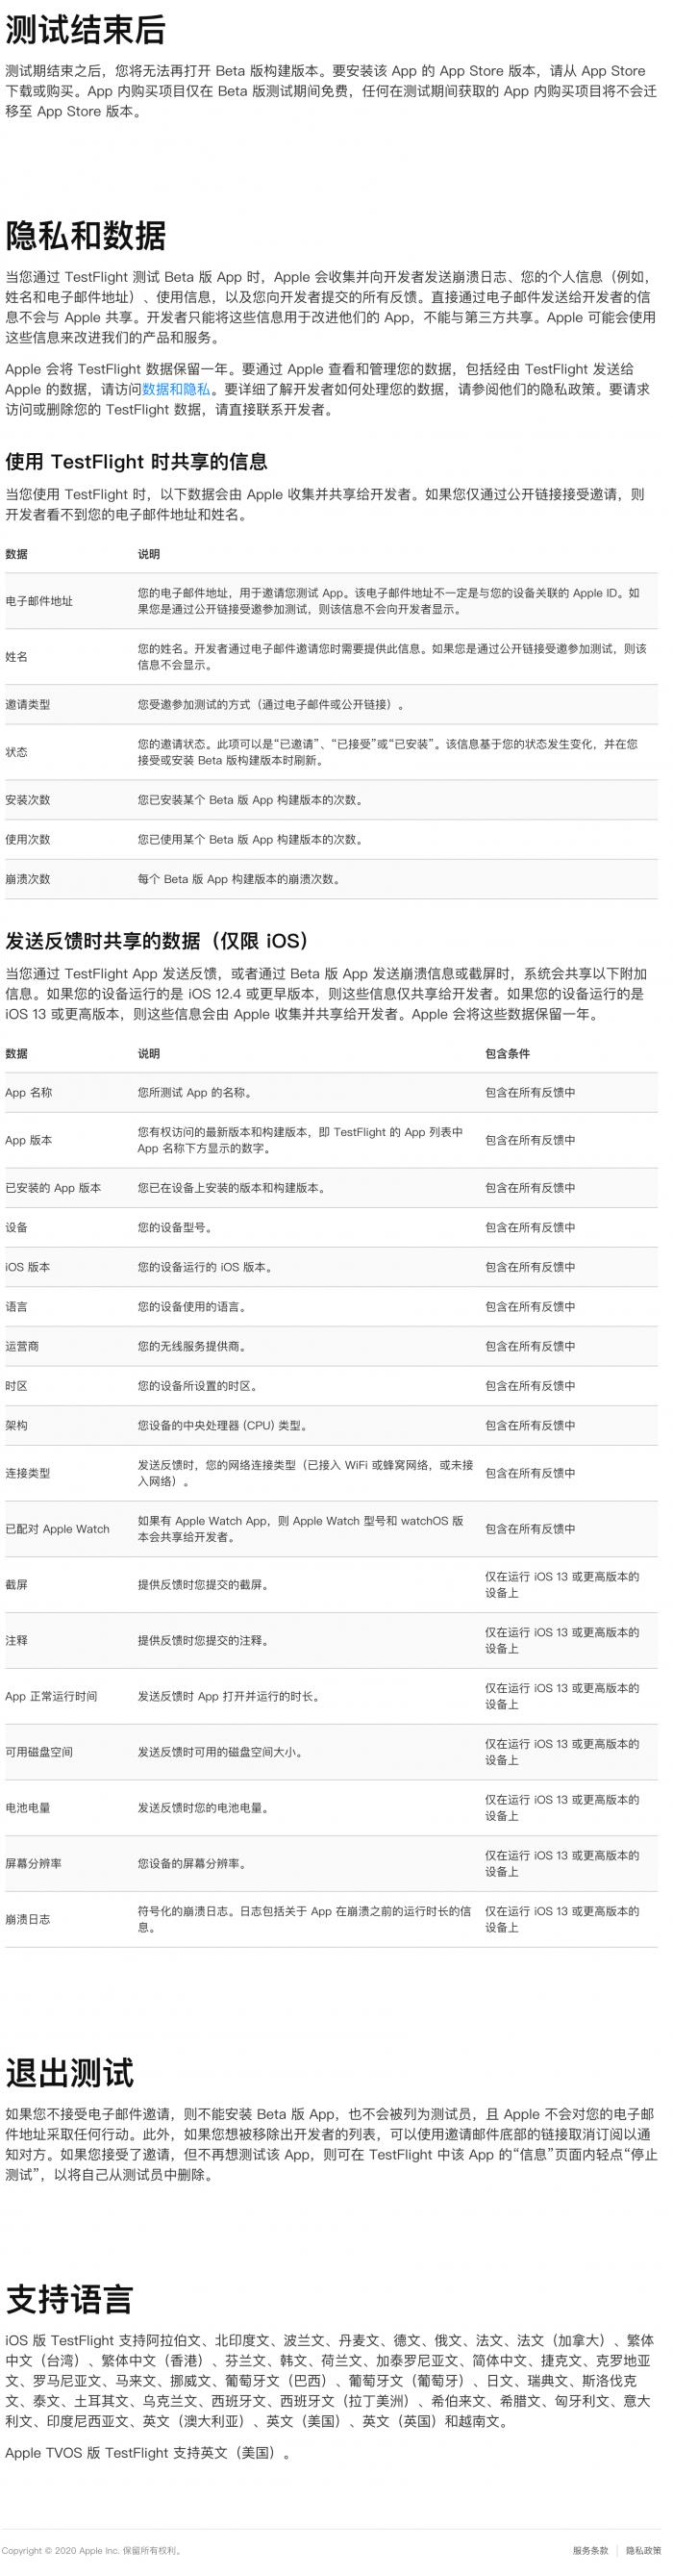 testflight-jingdong-information-on-macos-safari-part-2